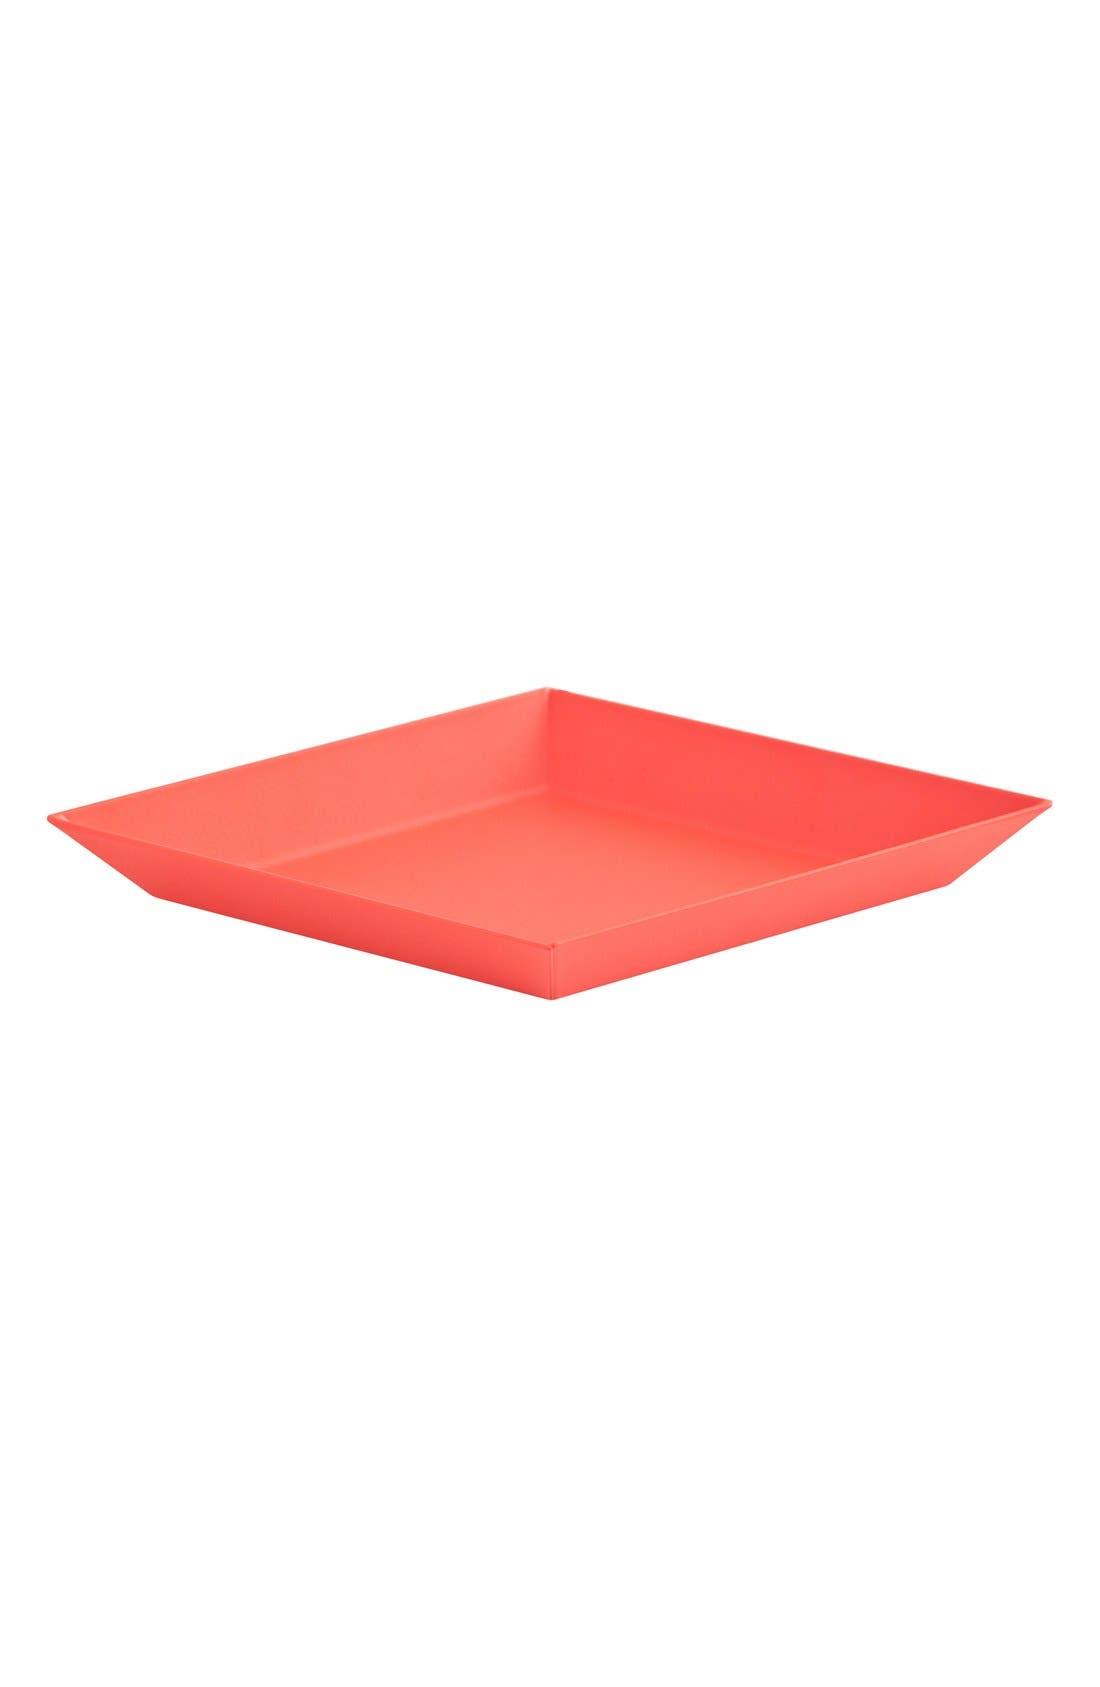 Main Image - HAY 'Kaleido - Extra Small' Decorative Tray